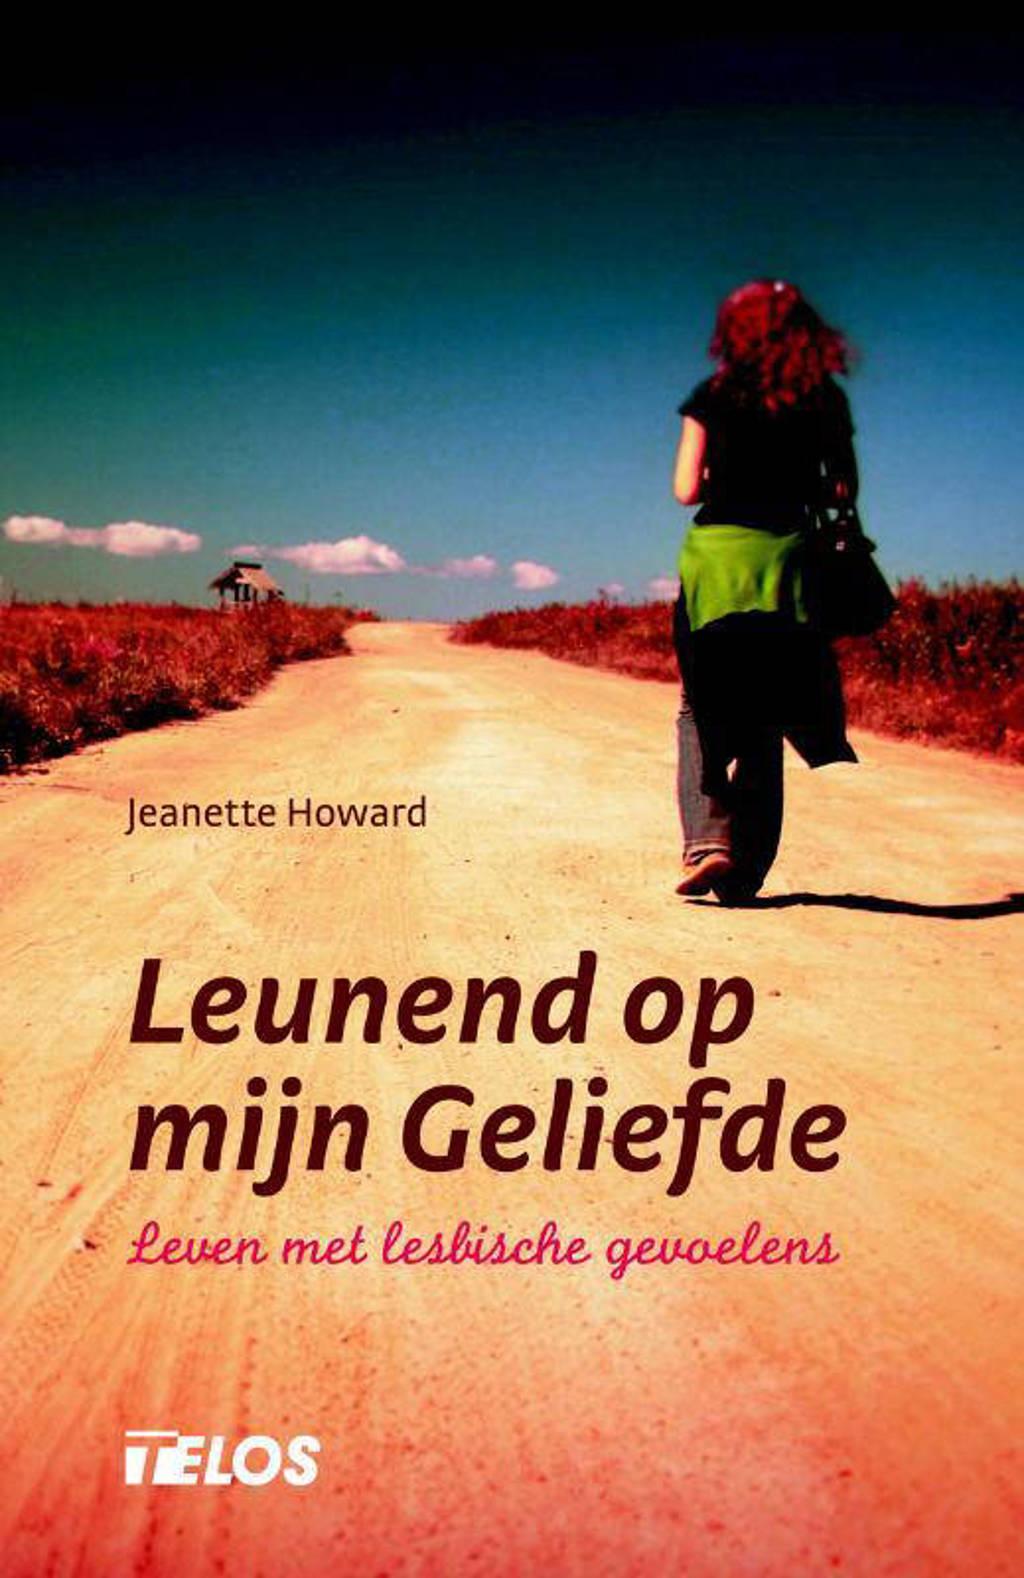 Leunend op mijn geliefde - Jeanette Howard